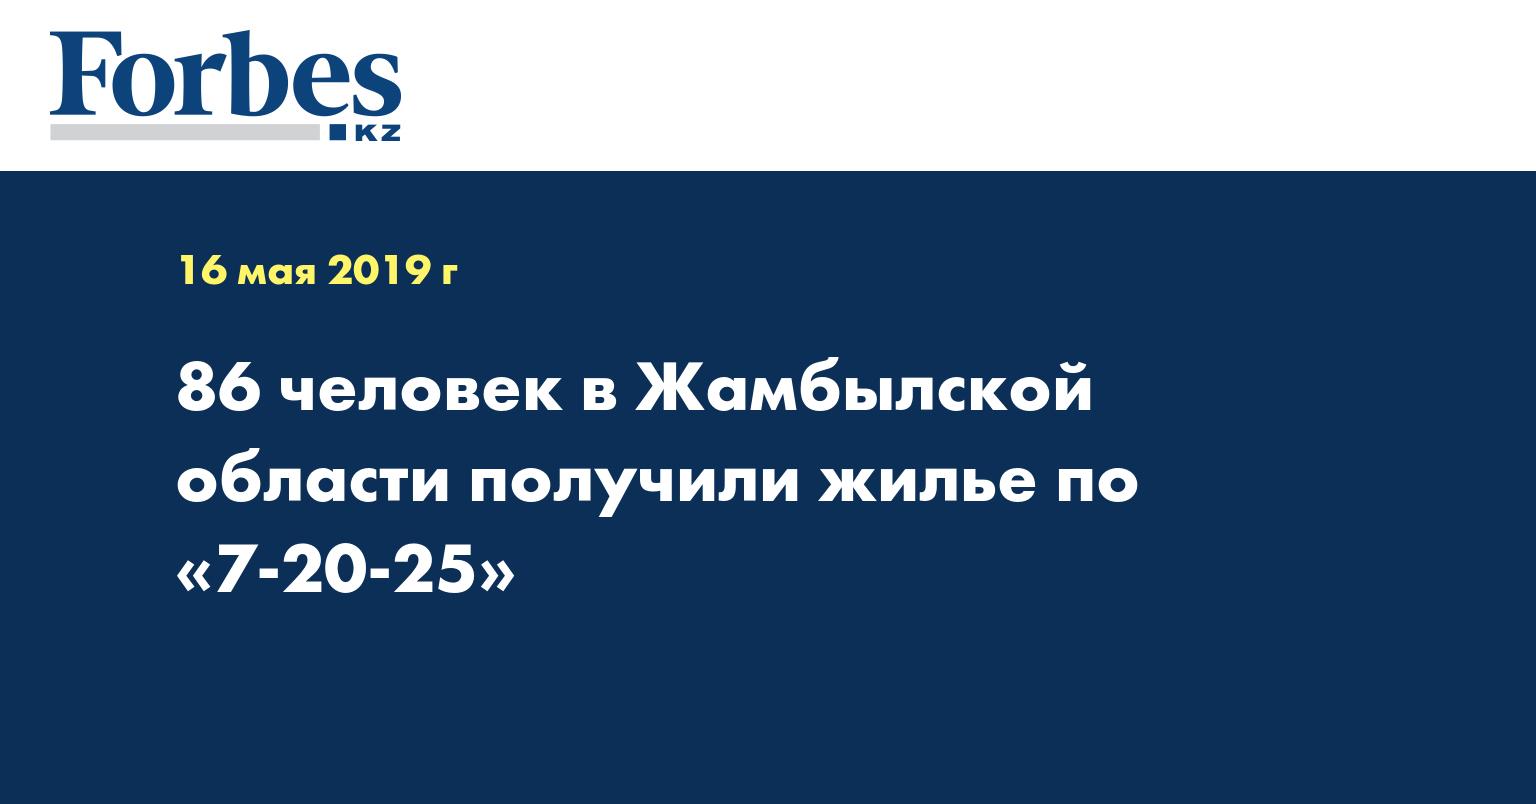 86 человек в Жамбылской области получили жилье по «7-20-25»